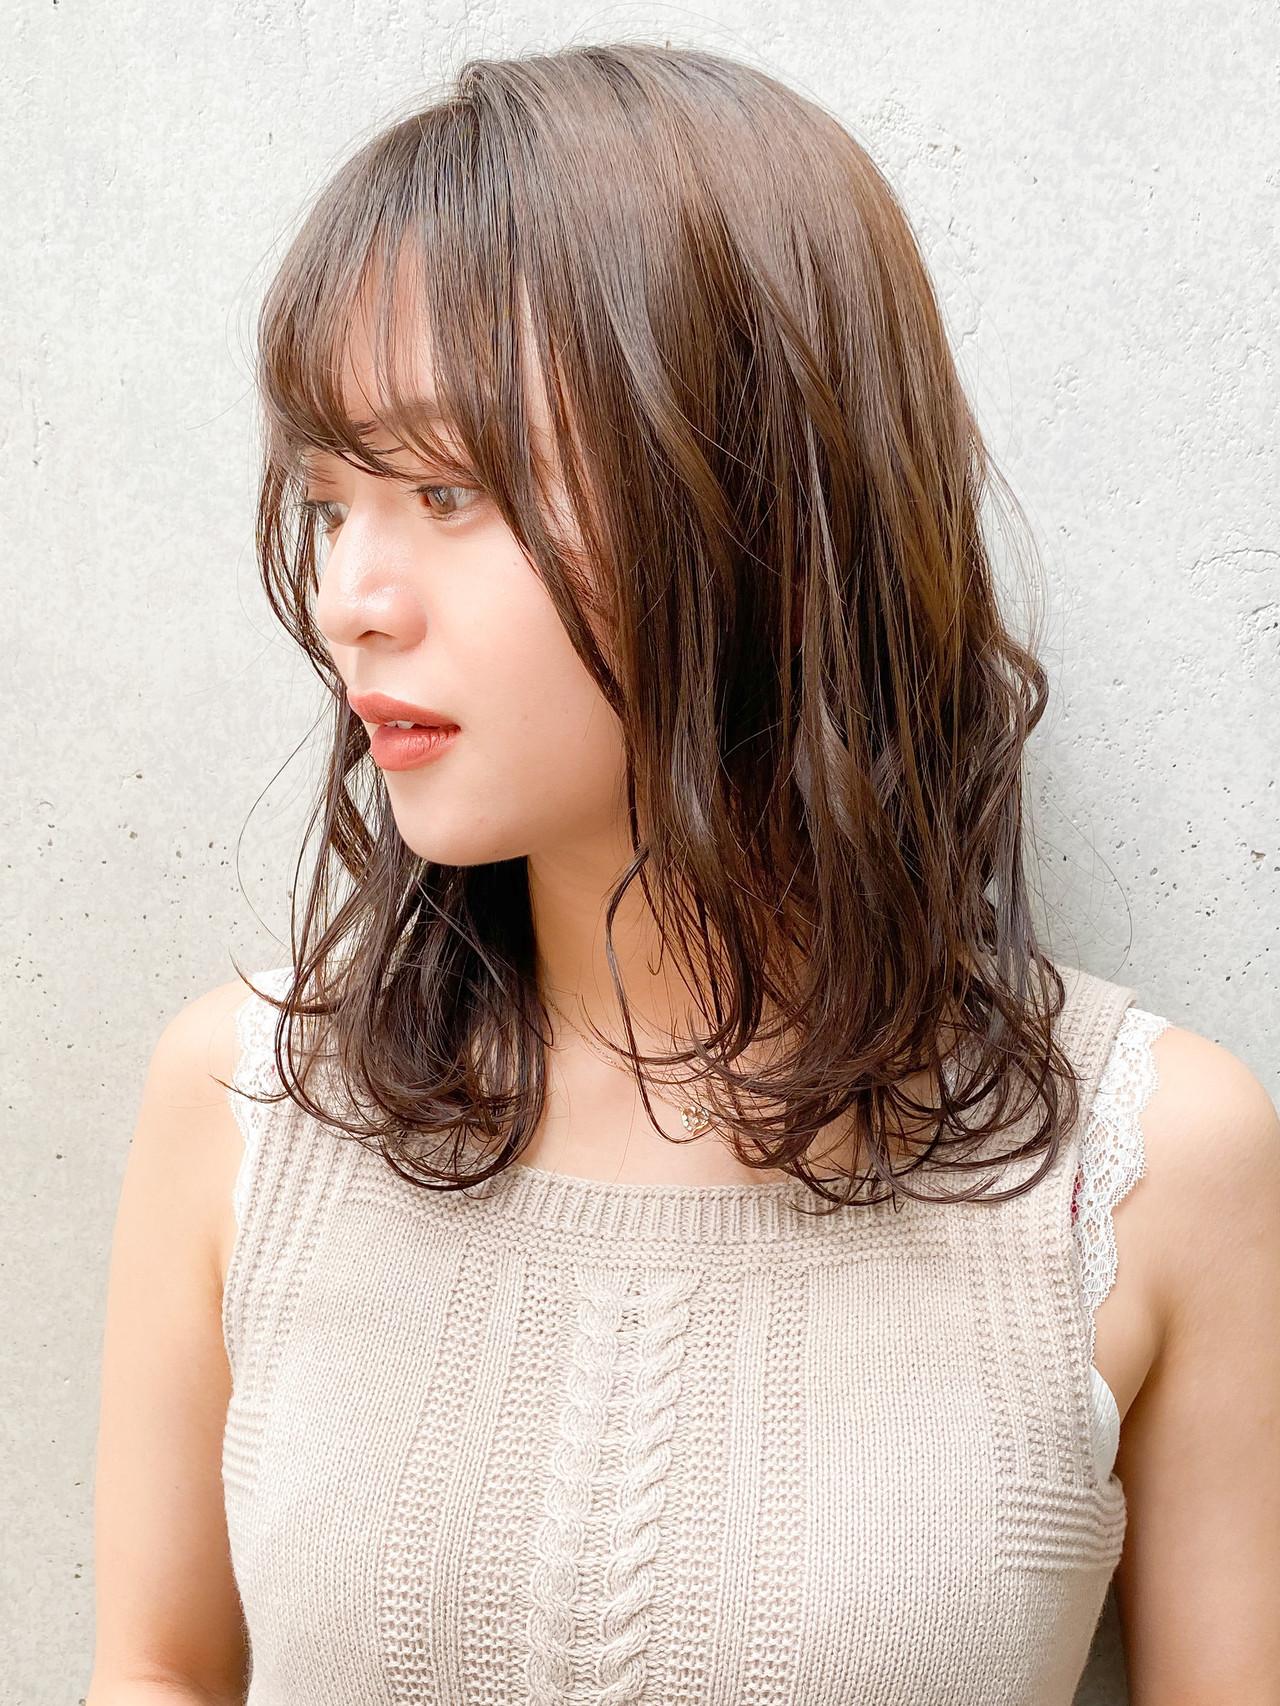 ゆるふわパーマ アッシュブラウン セミロング デジタルパーマ ヘアスタイルや髪型の写真・画像